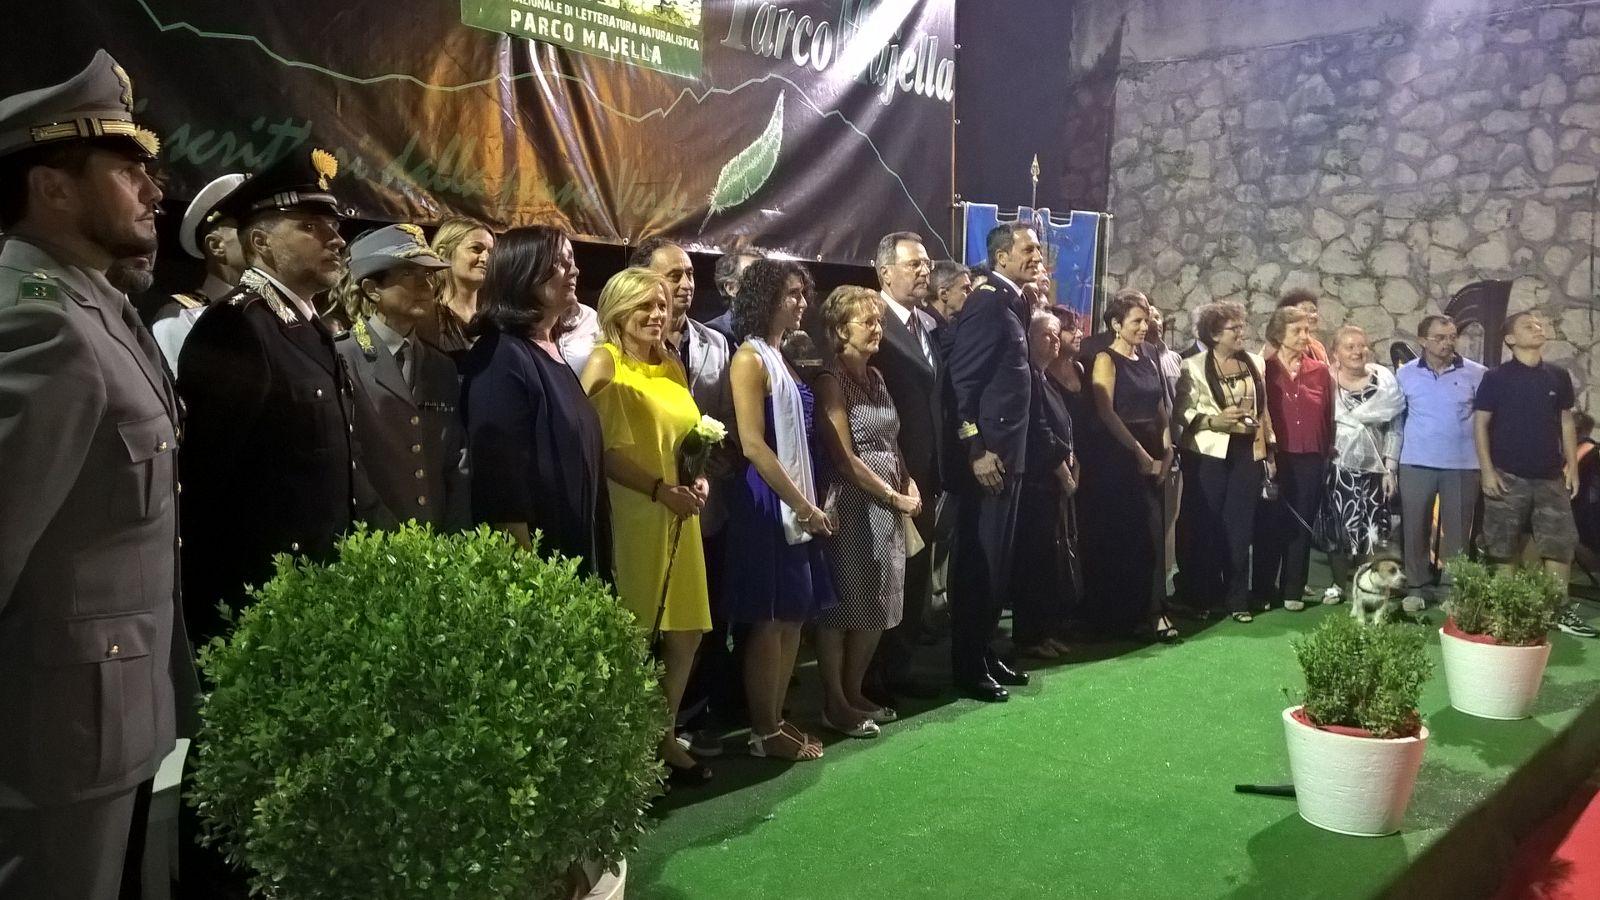 Premio Parco Majella 2016: la premiazione dei vincitori